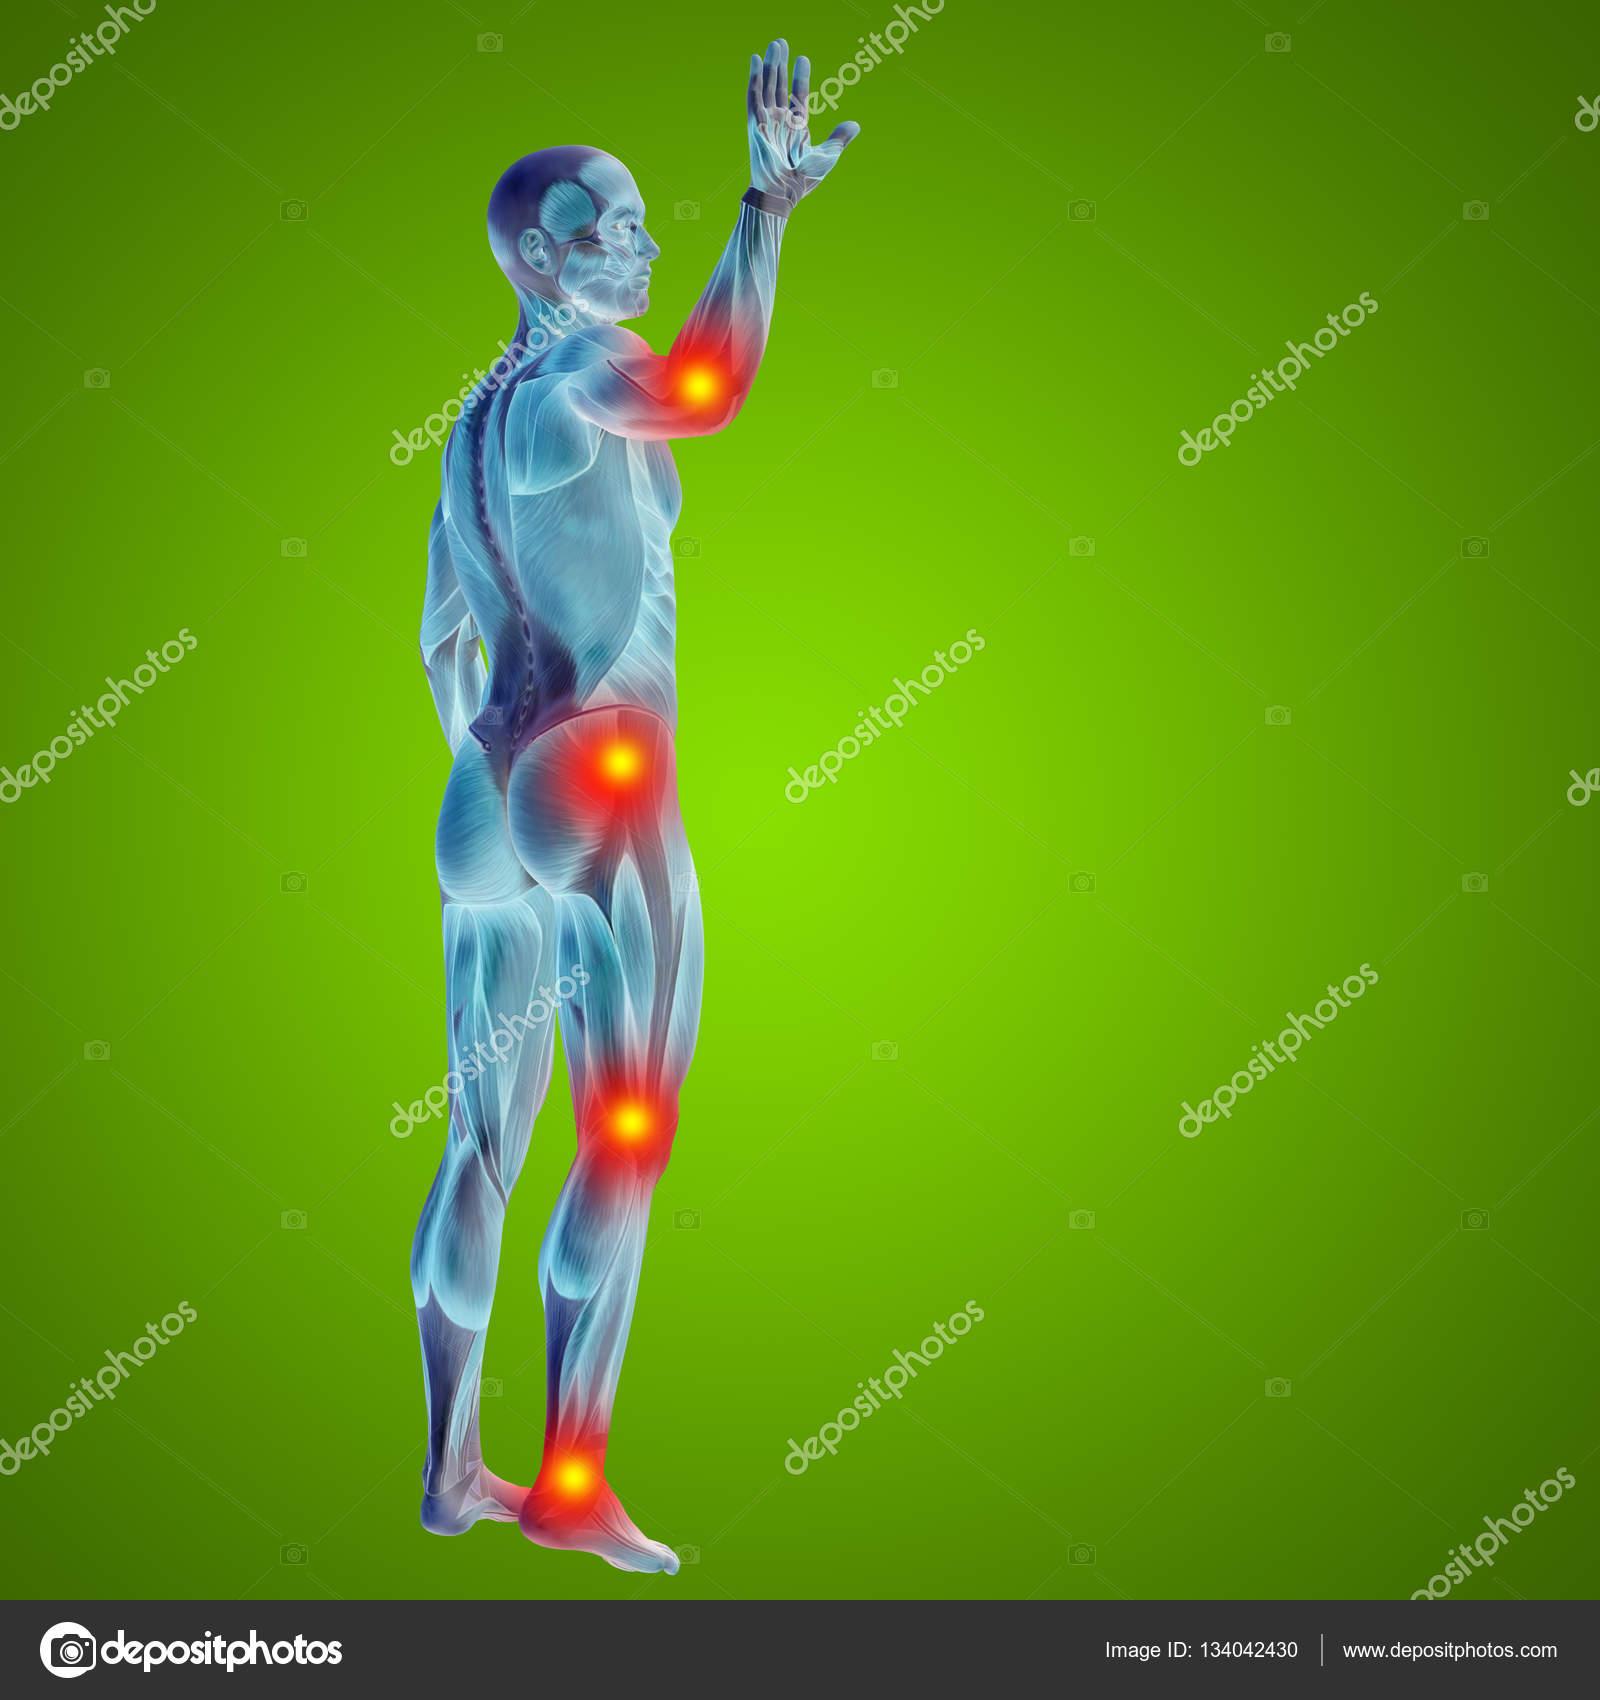 Menschen mit Gelenk-Muskeln oder Knochen Schmerzen — Stockfoto ...